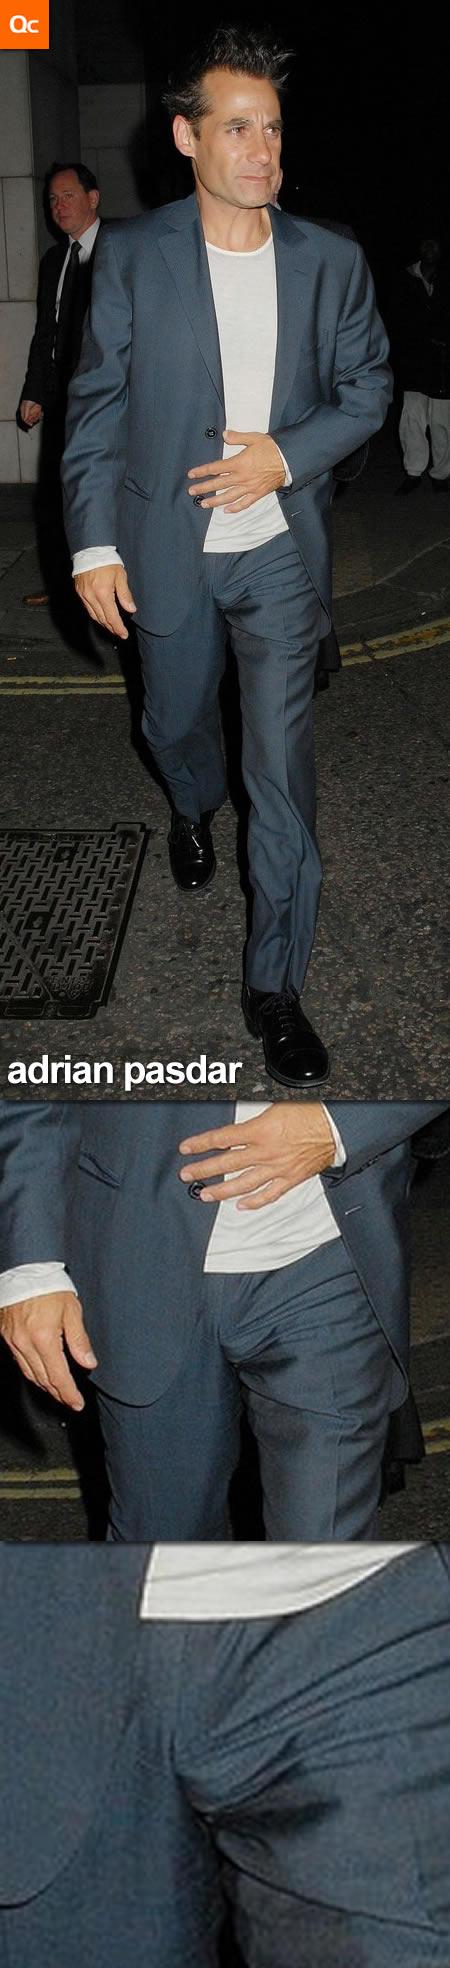 pasdar nude Adrian